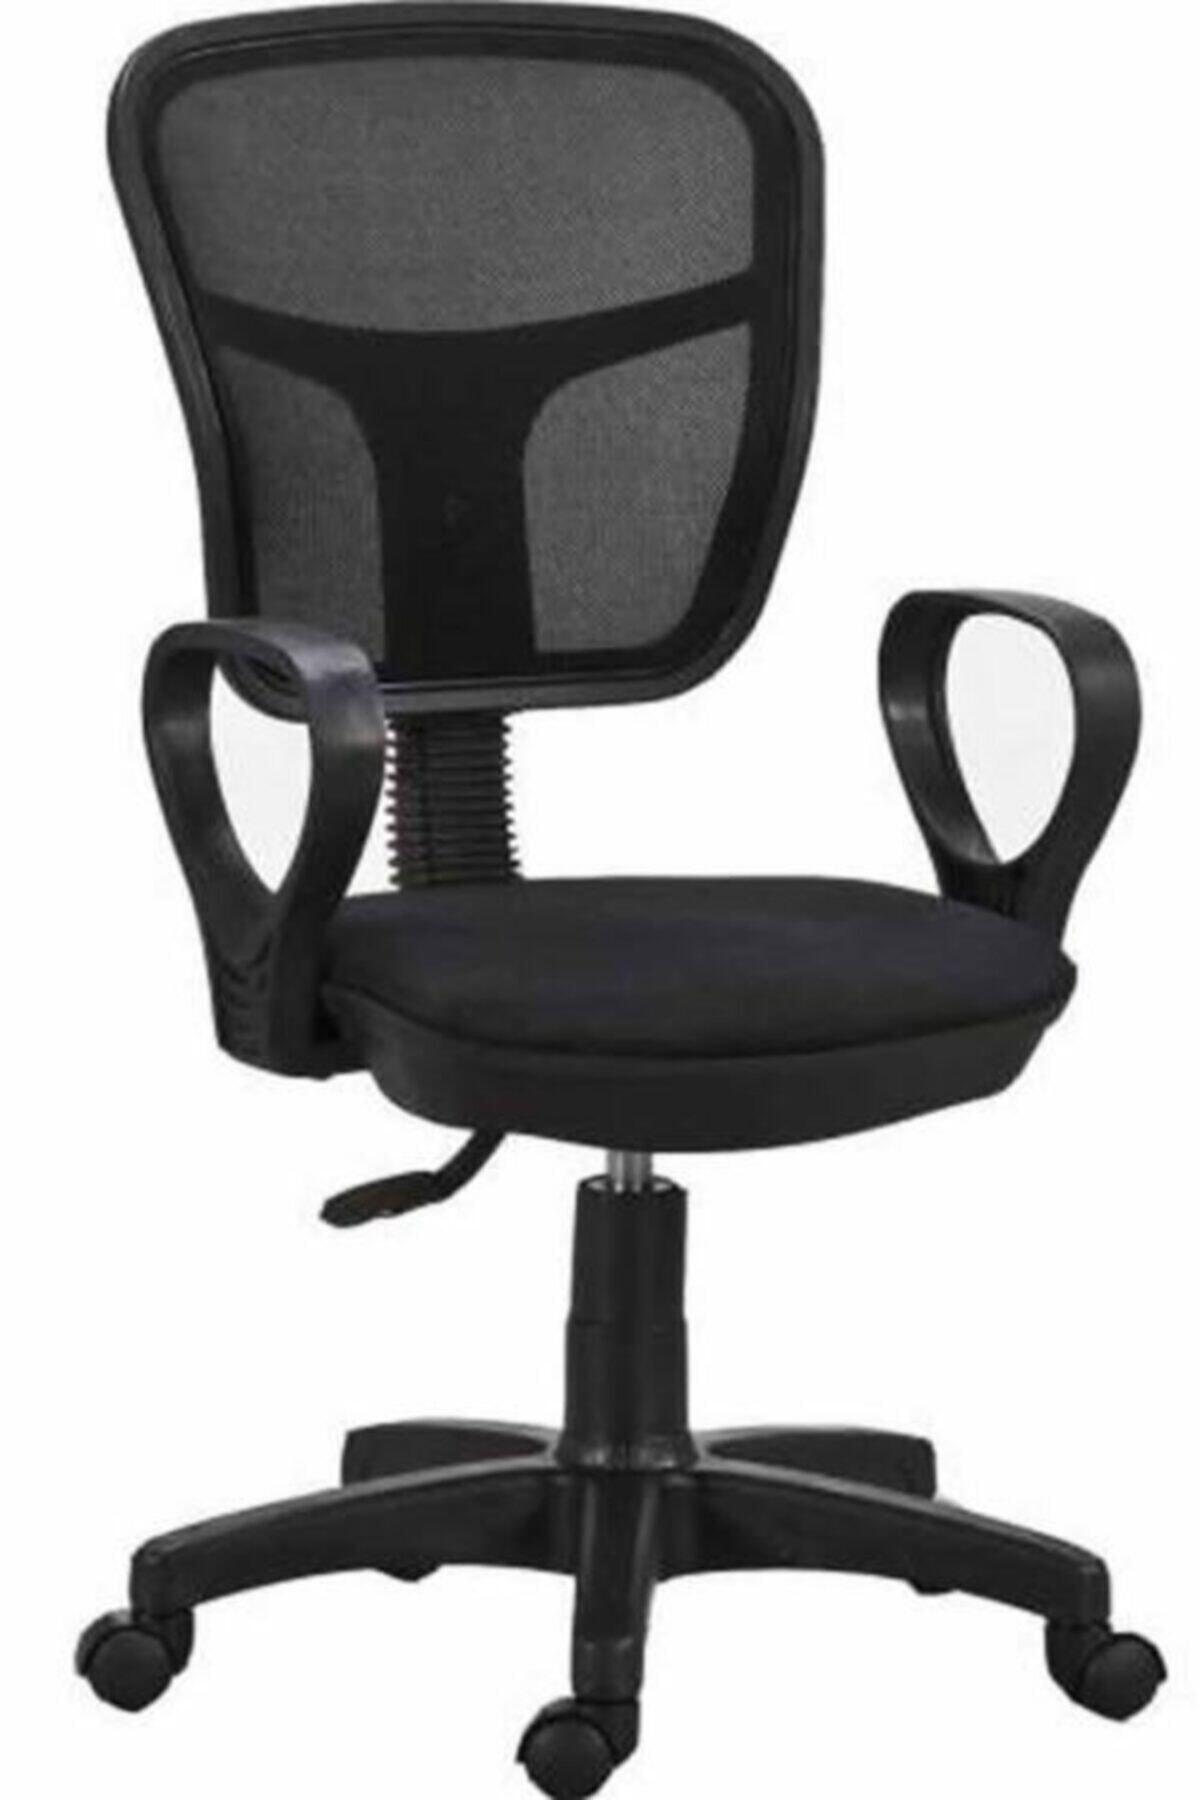 HEREVİM Siyah Fileli Bilgisayar Ofis Çalışma Sandalyesi Koltuğu 1